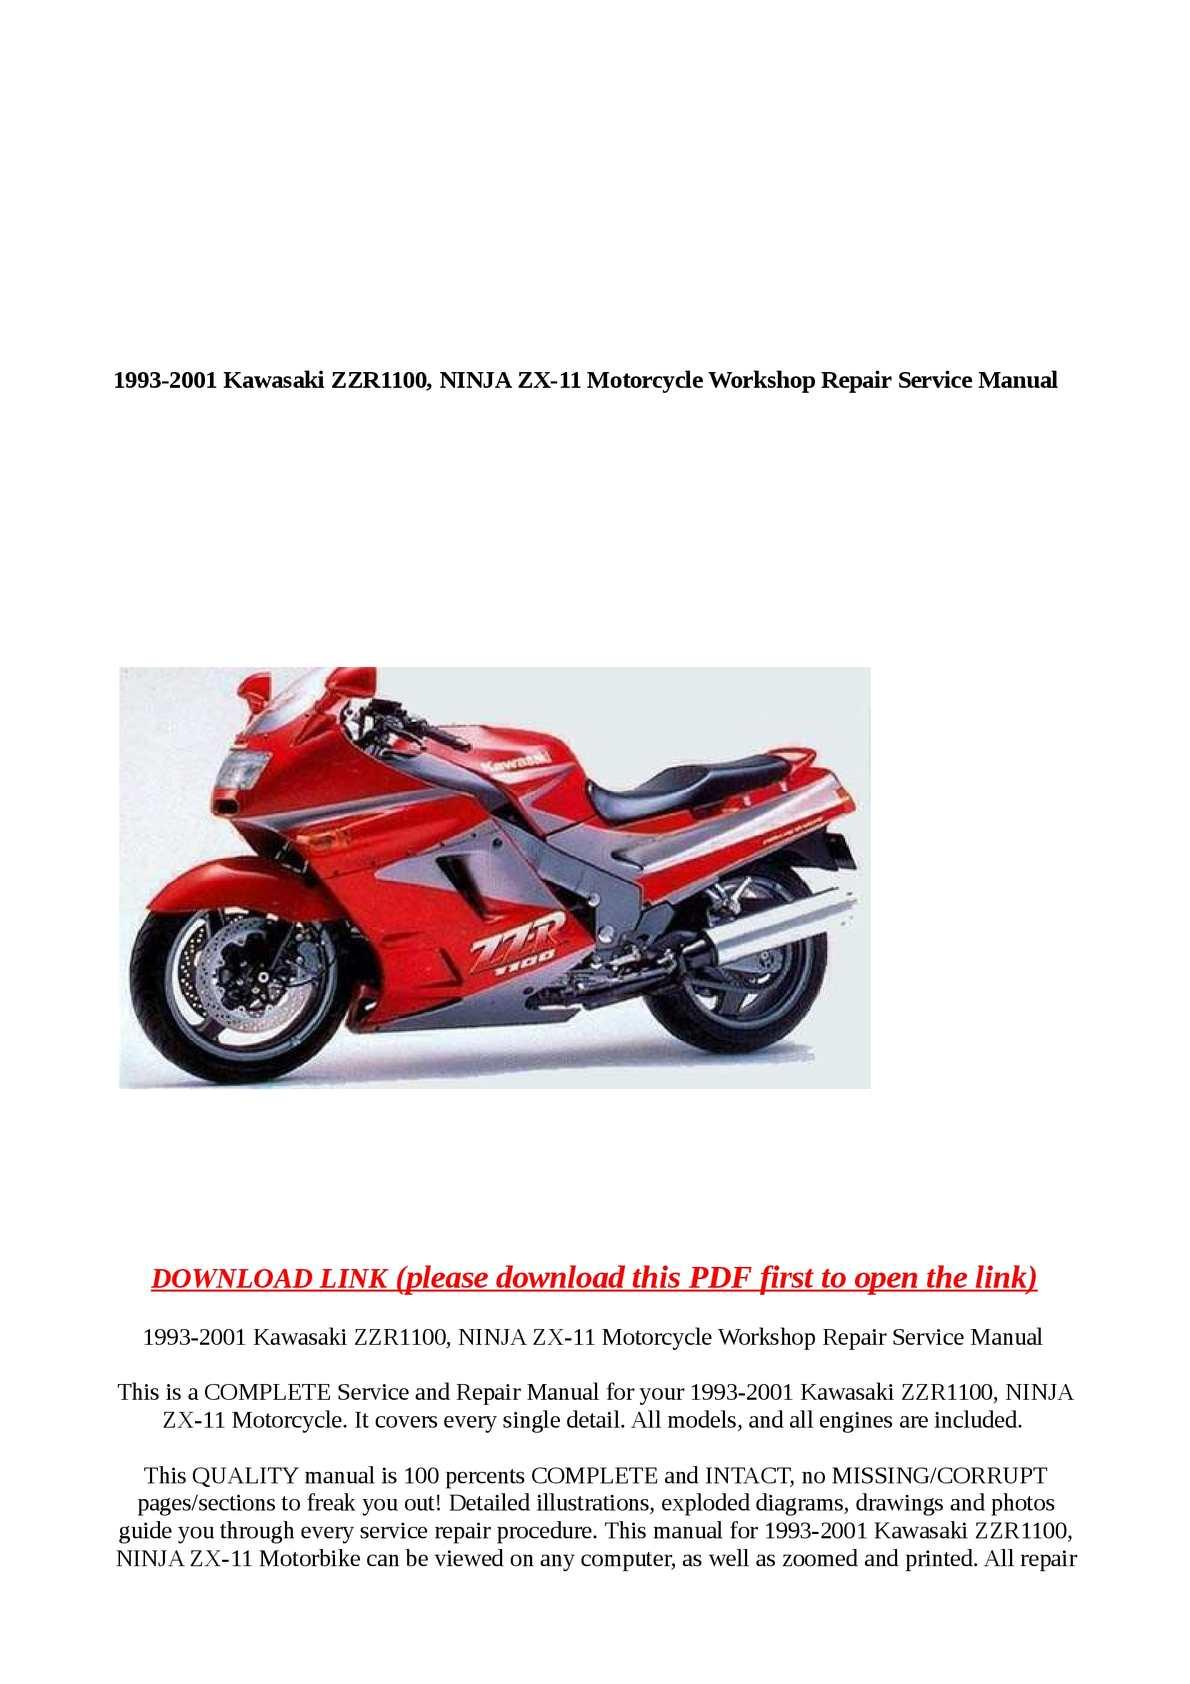 Calaméo - 1993-2001 Kawasaki ZZR1100, NINJA ZX-11 Motorcycle Workshop Rep